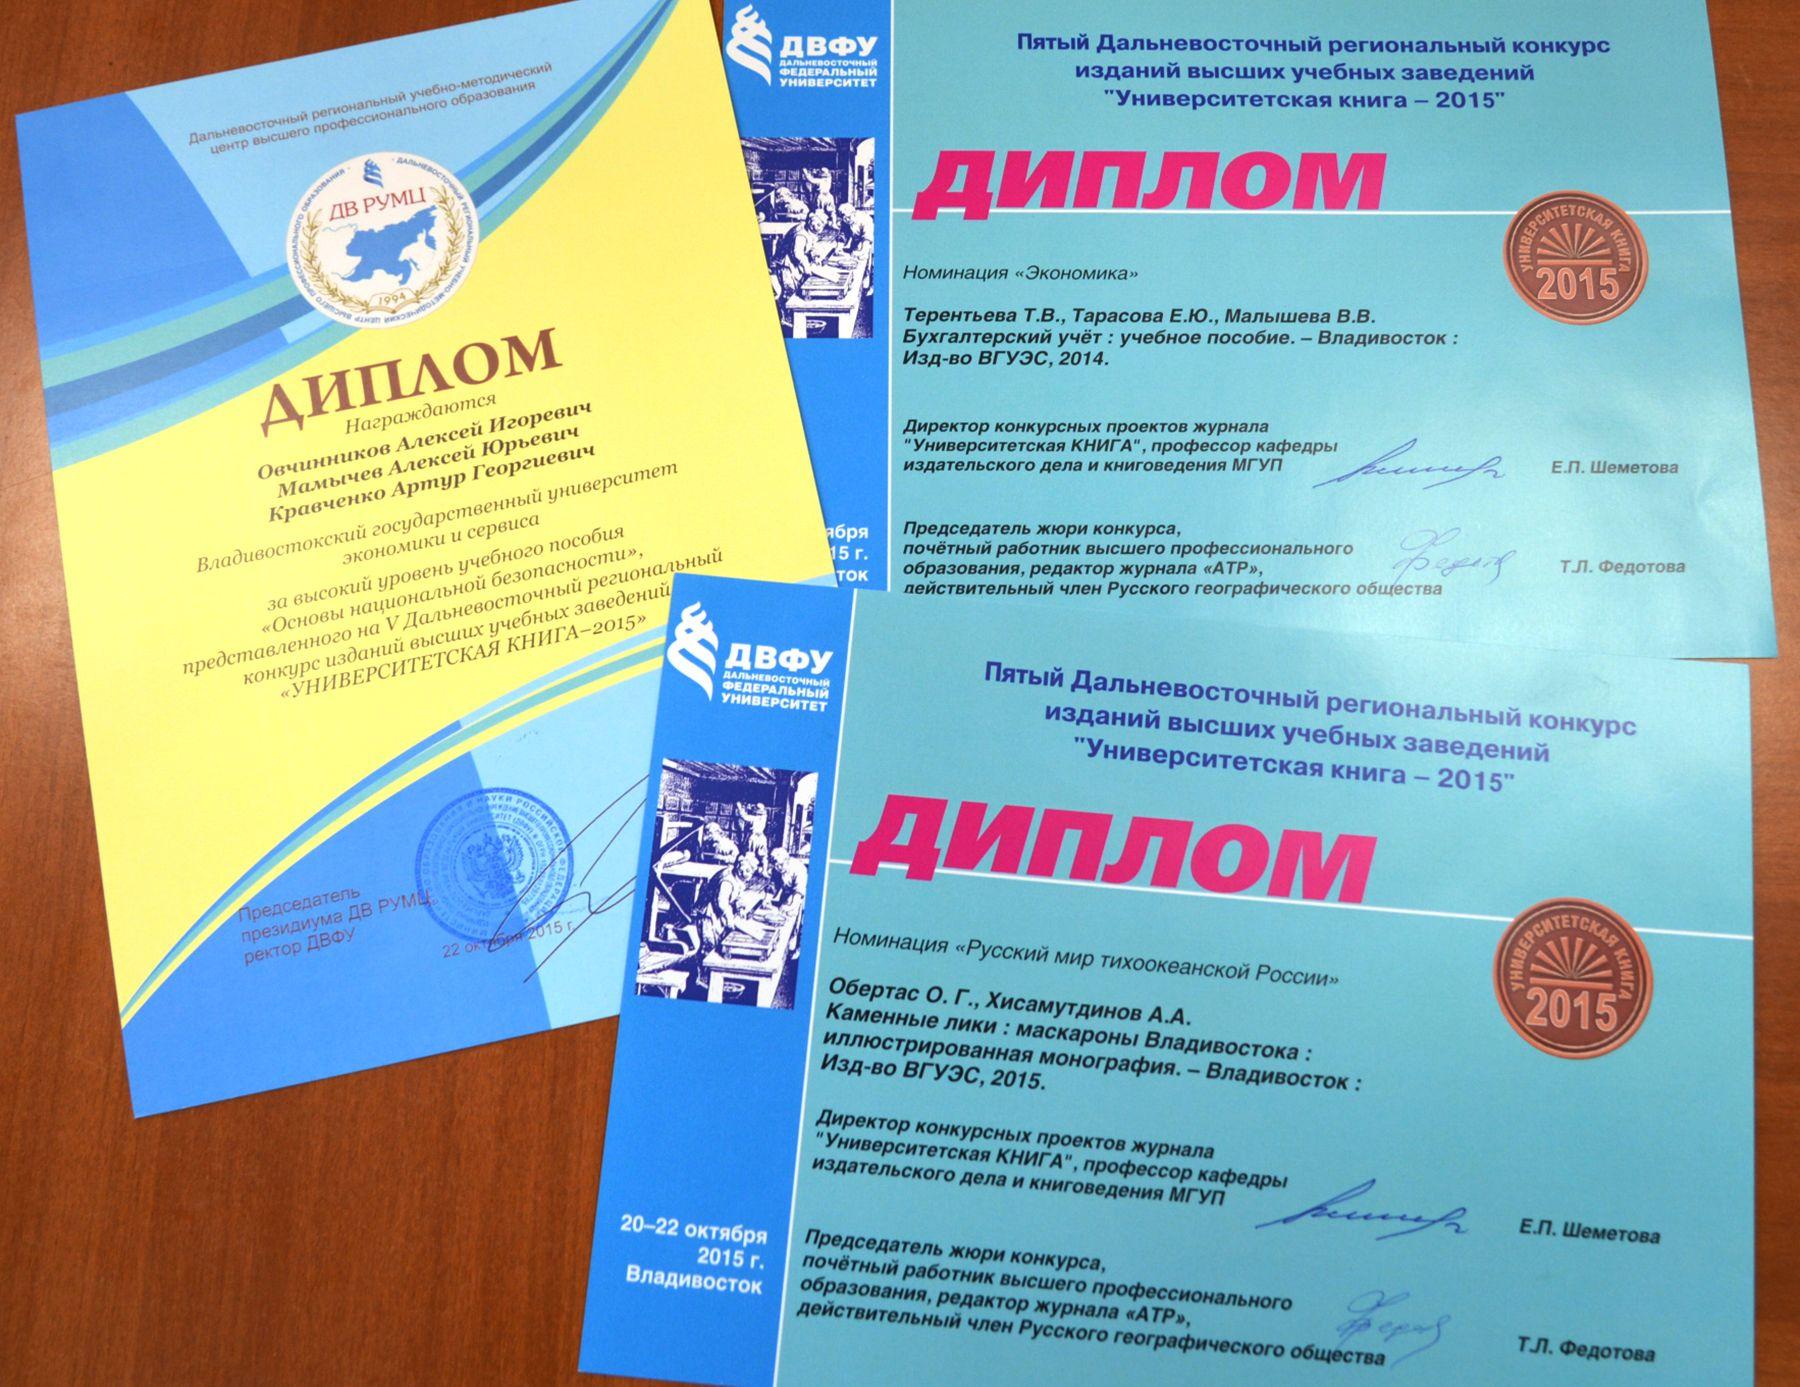 Издания ВГУЭС отмечены дипломами регионального конкурса «Университетская книга – 2015»